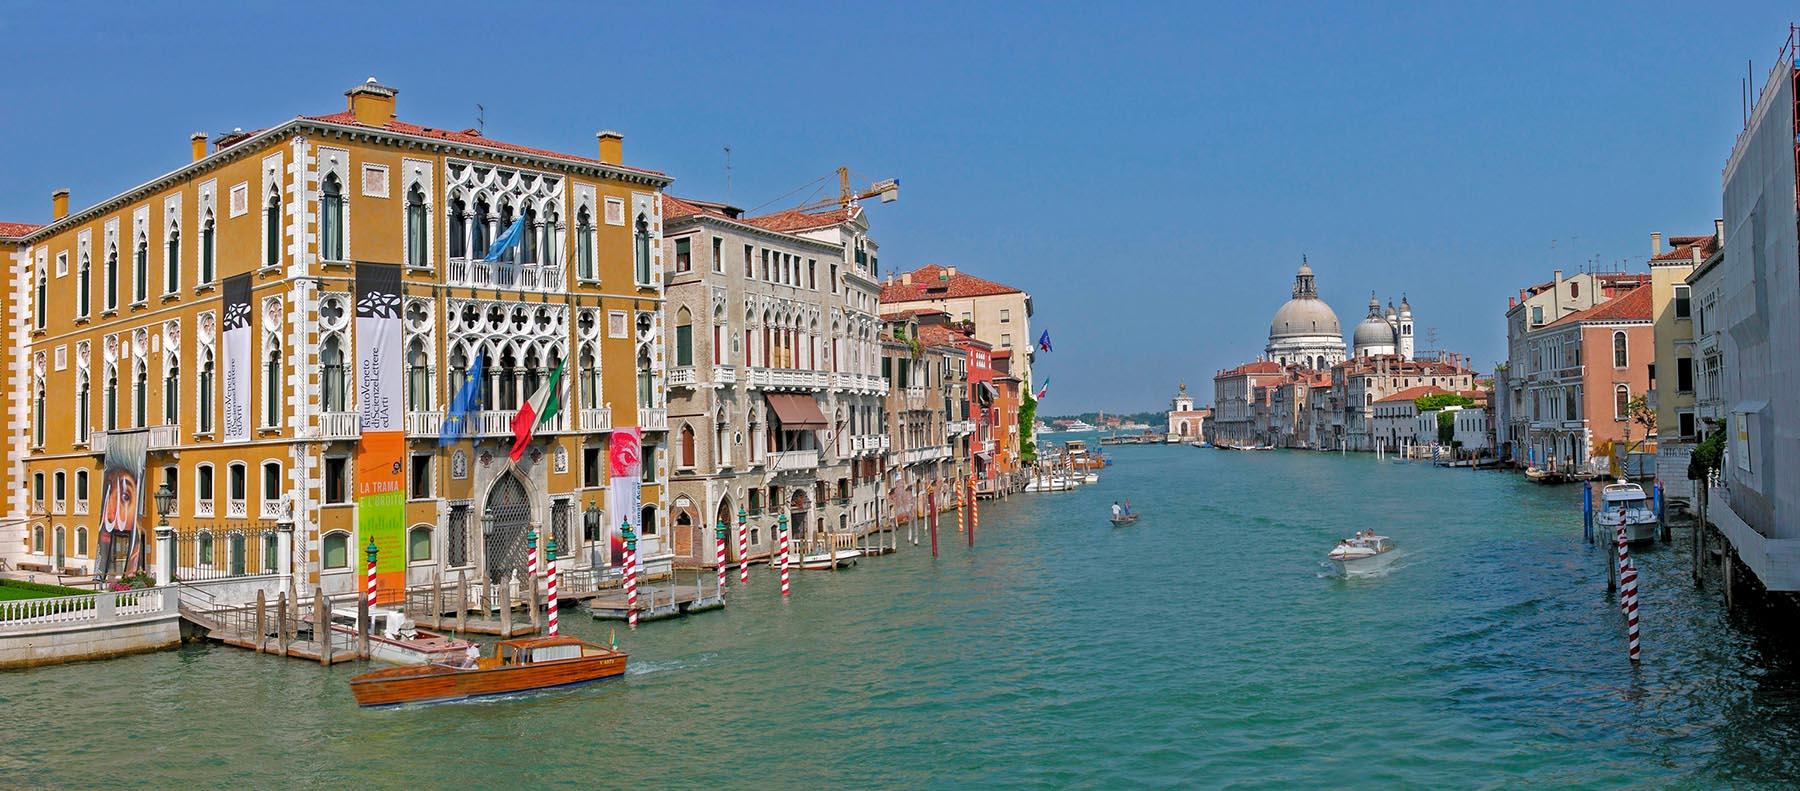 Quel <em>Photo Boat</em> a Venezia <br />e gli stereotipi fermi <br />nelle menti dei giornalisti